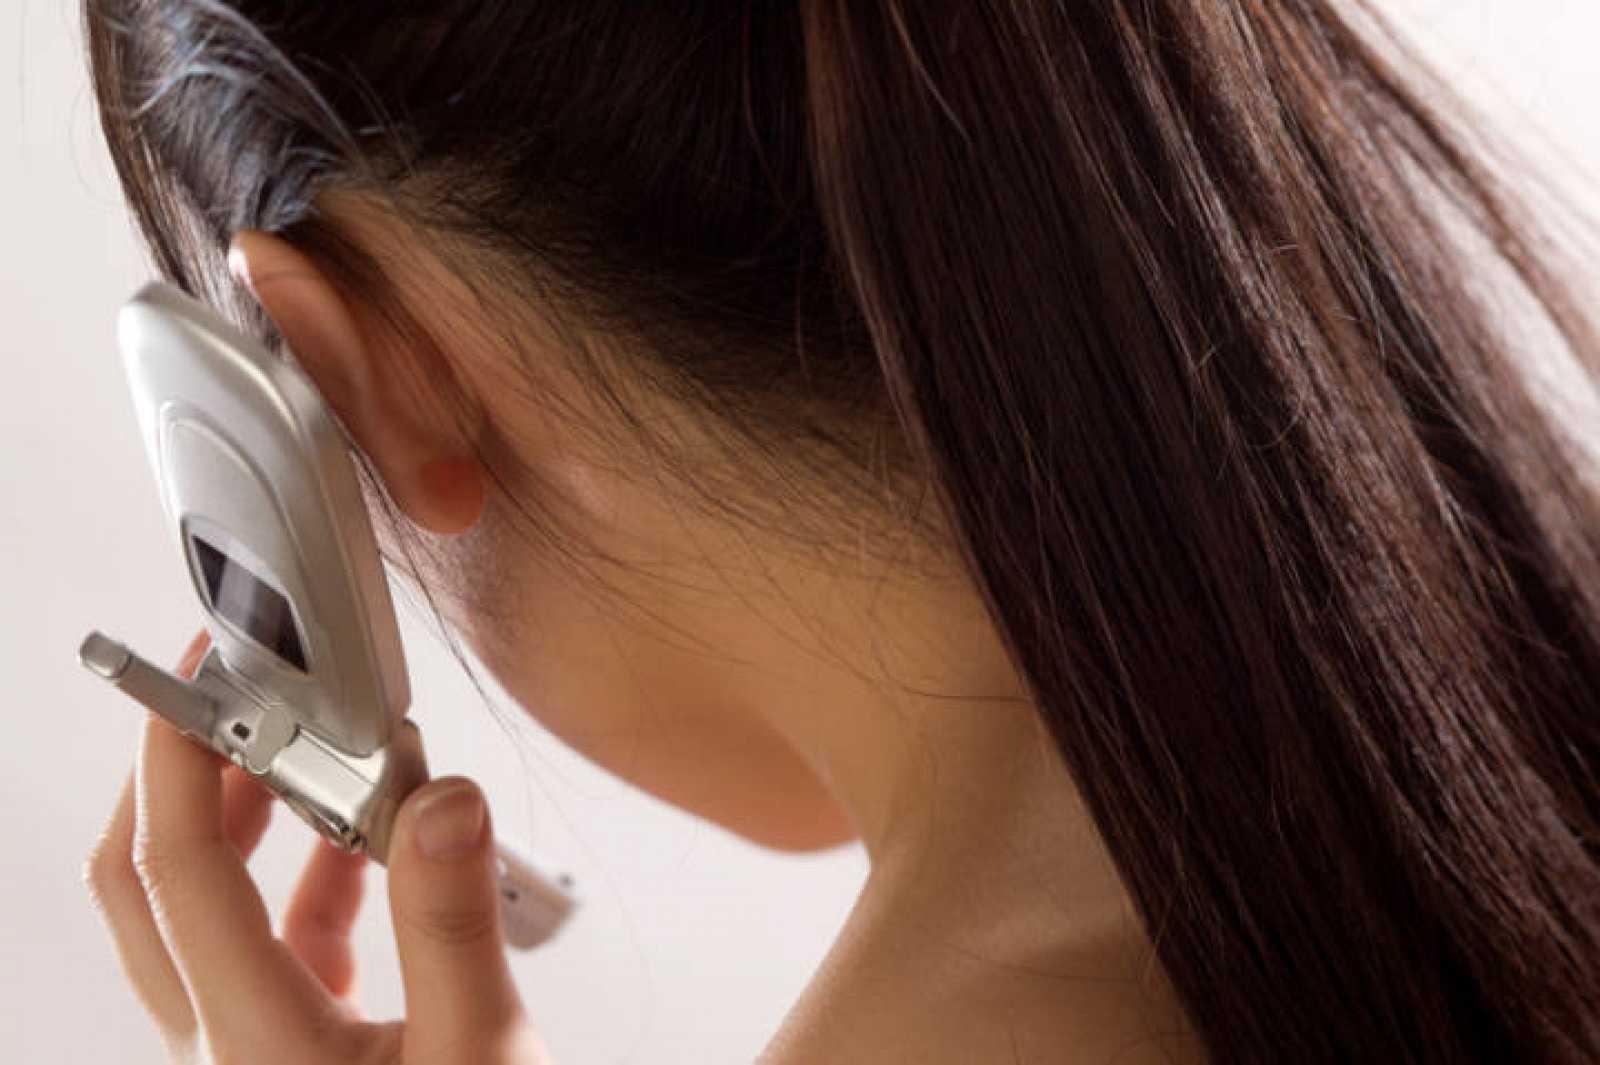 Los estudios no han podido demostrar una relación directa entre cáncer y teléfonos móviles